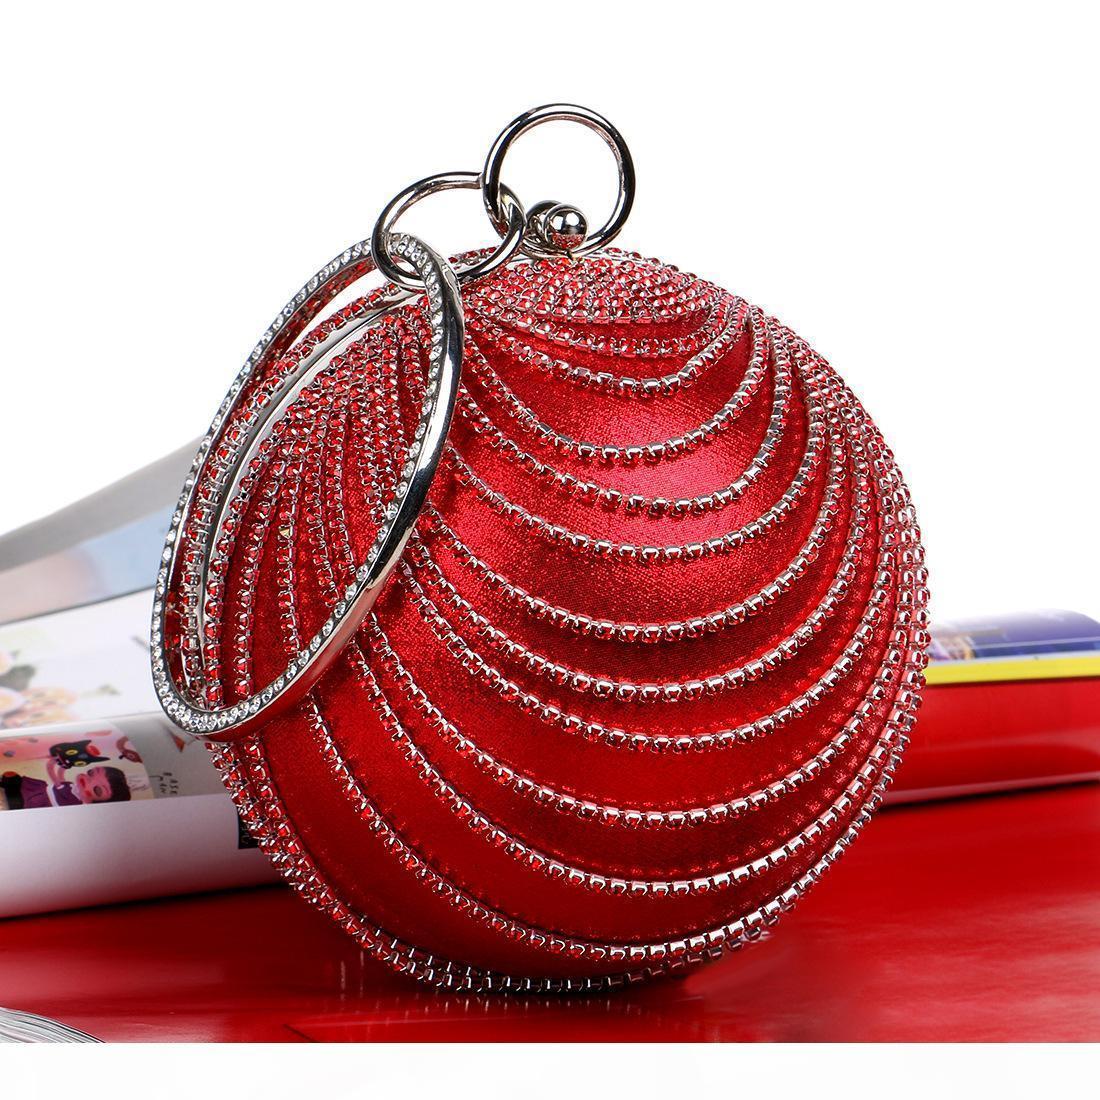 DesignerWomen Art und Weise der Handtasche neue runde Strass Abendtaschen Handgemachte Hochzeit Tasche Goldene Troddel Geldbeutel Diamanten Party-Taschen